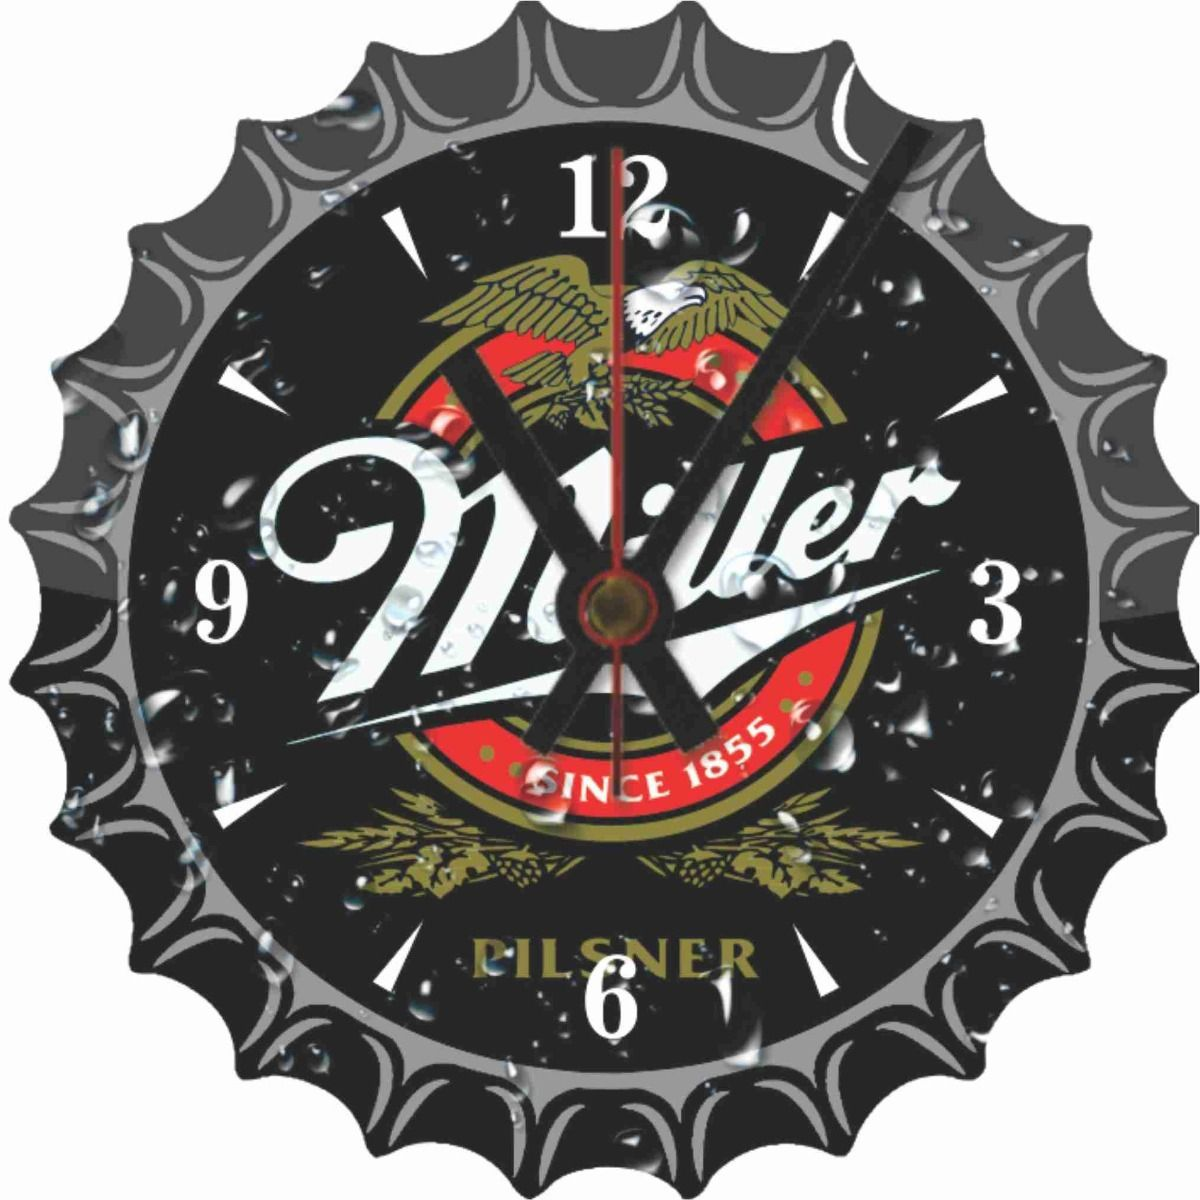 Relógio de Parede Analógico em Madeira MDF Cerveja Miller